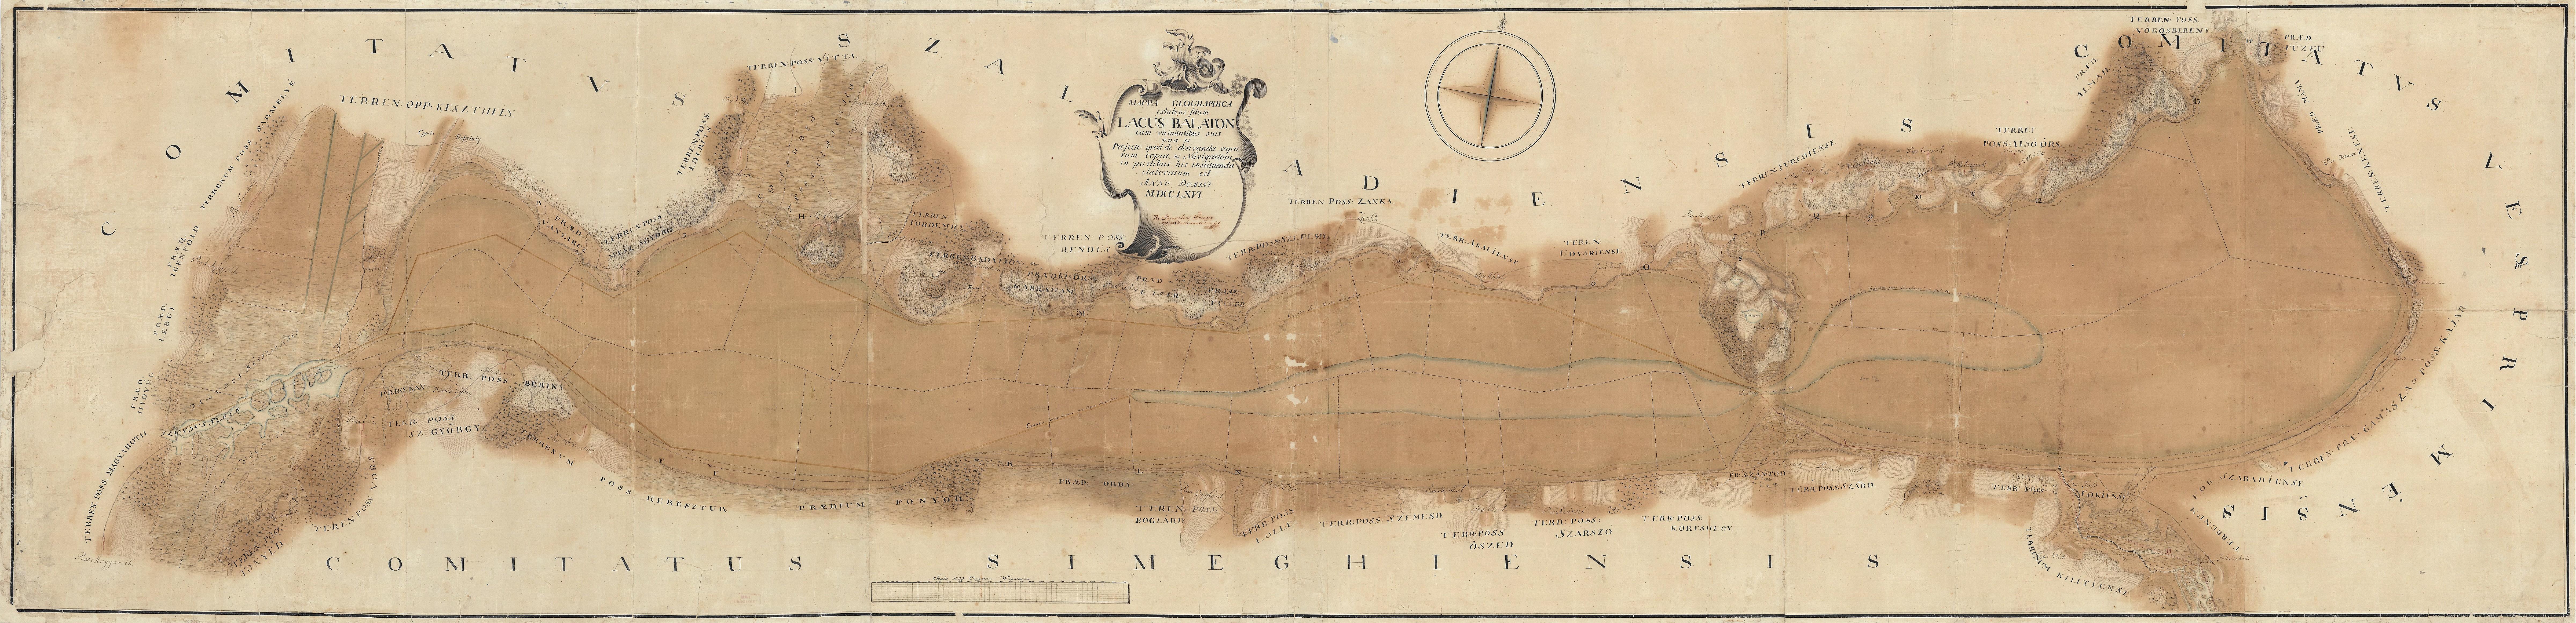 budapest balaton térkép A Balaton első valósághű térképi ábrázolása | Magyar Nemzeti Levéltár budapest balaton térkép